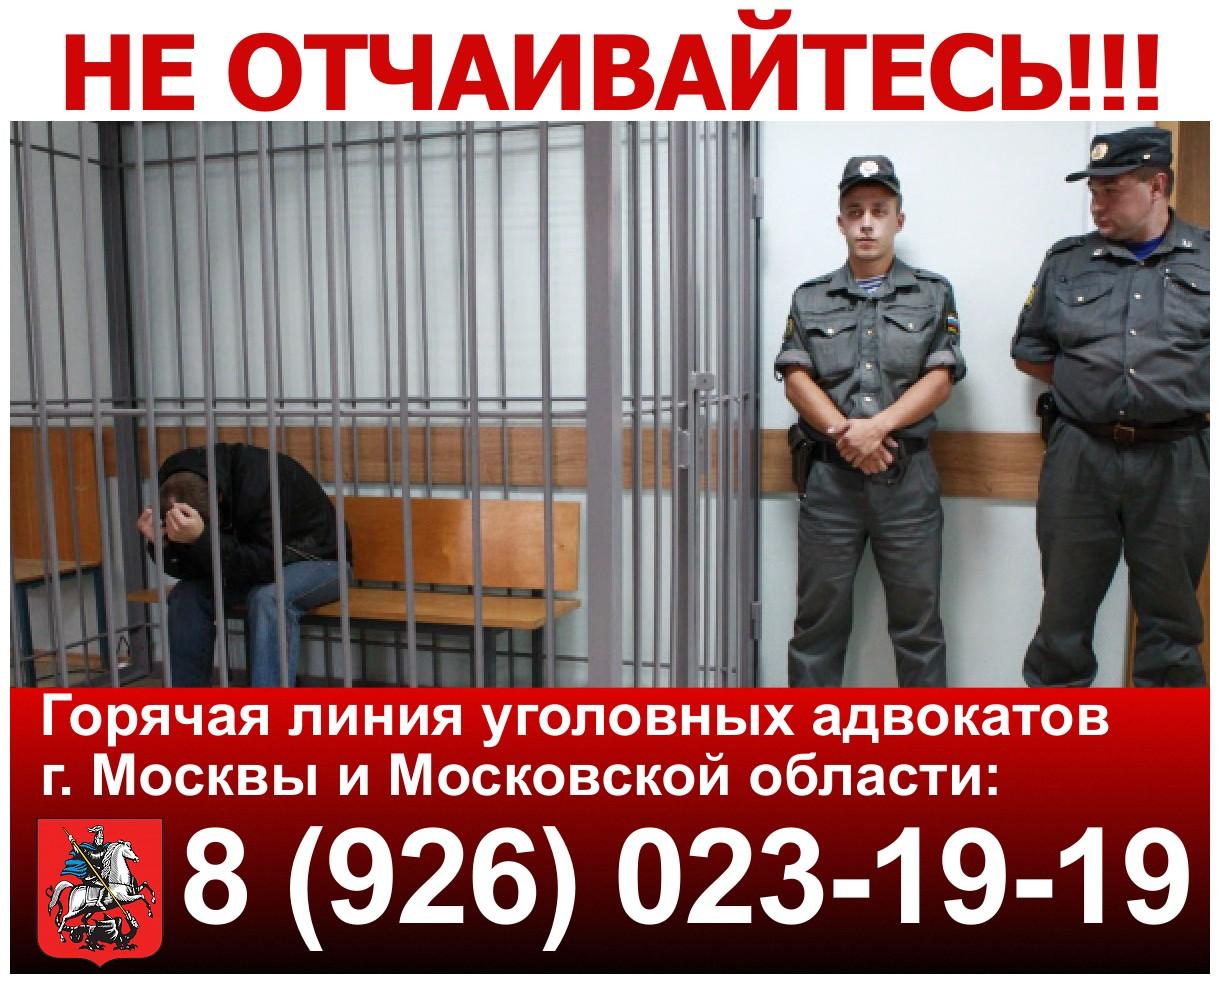 Полиция Одинцово. Отдел полиции Одинцово. Адвокат в Одинцово